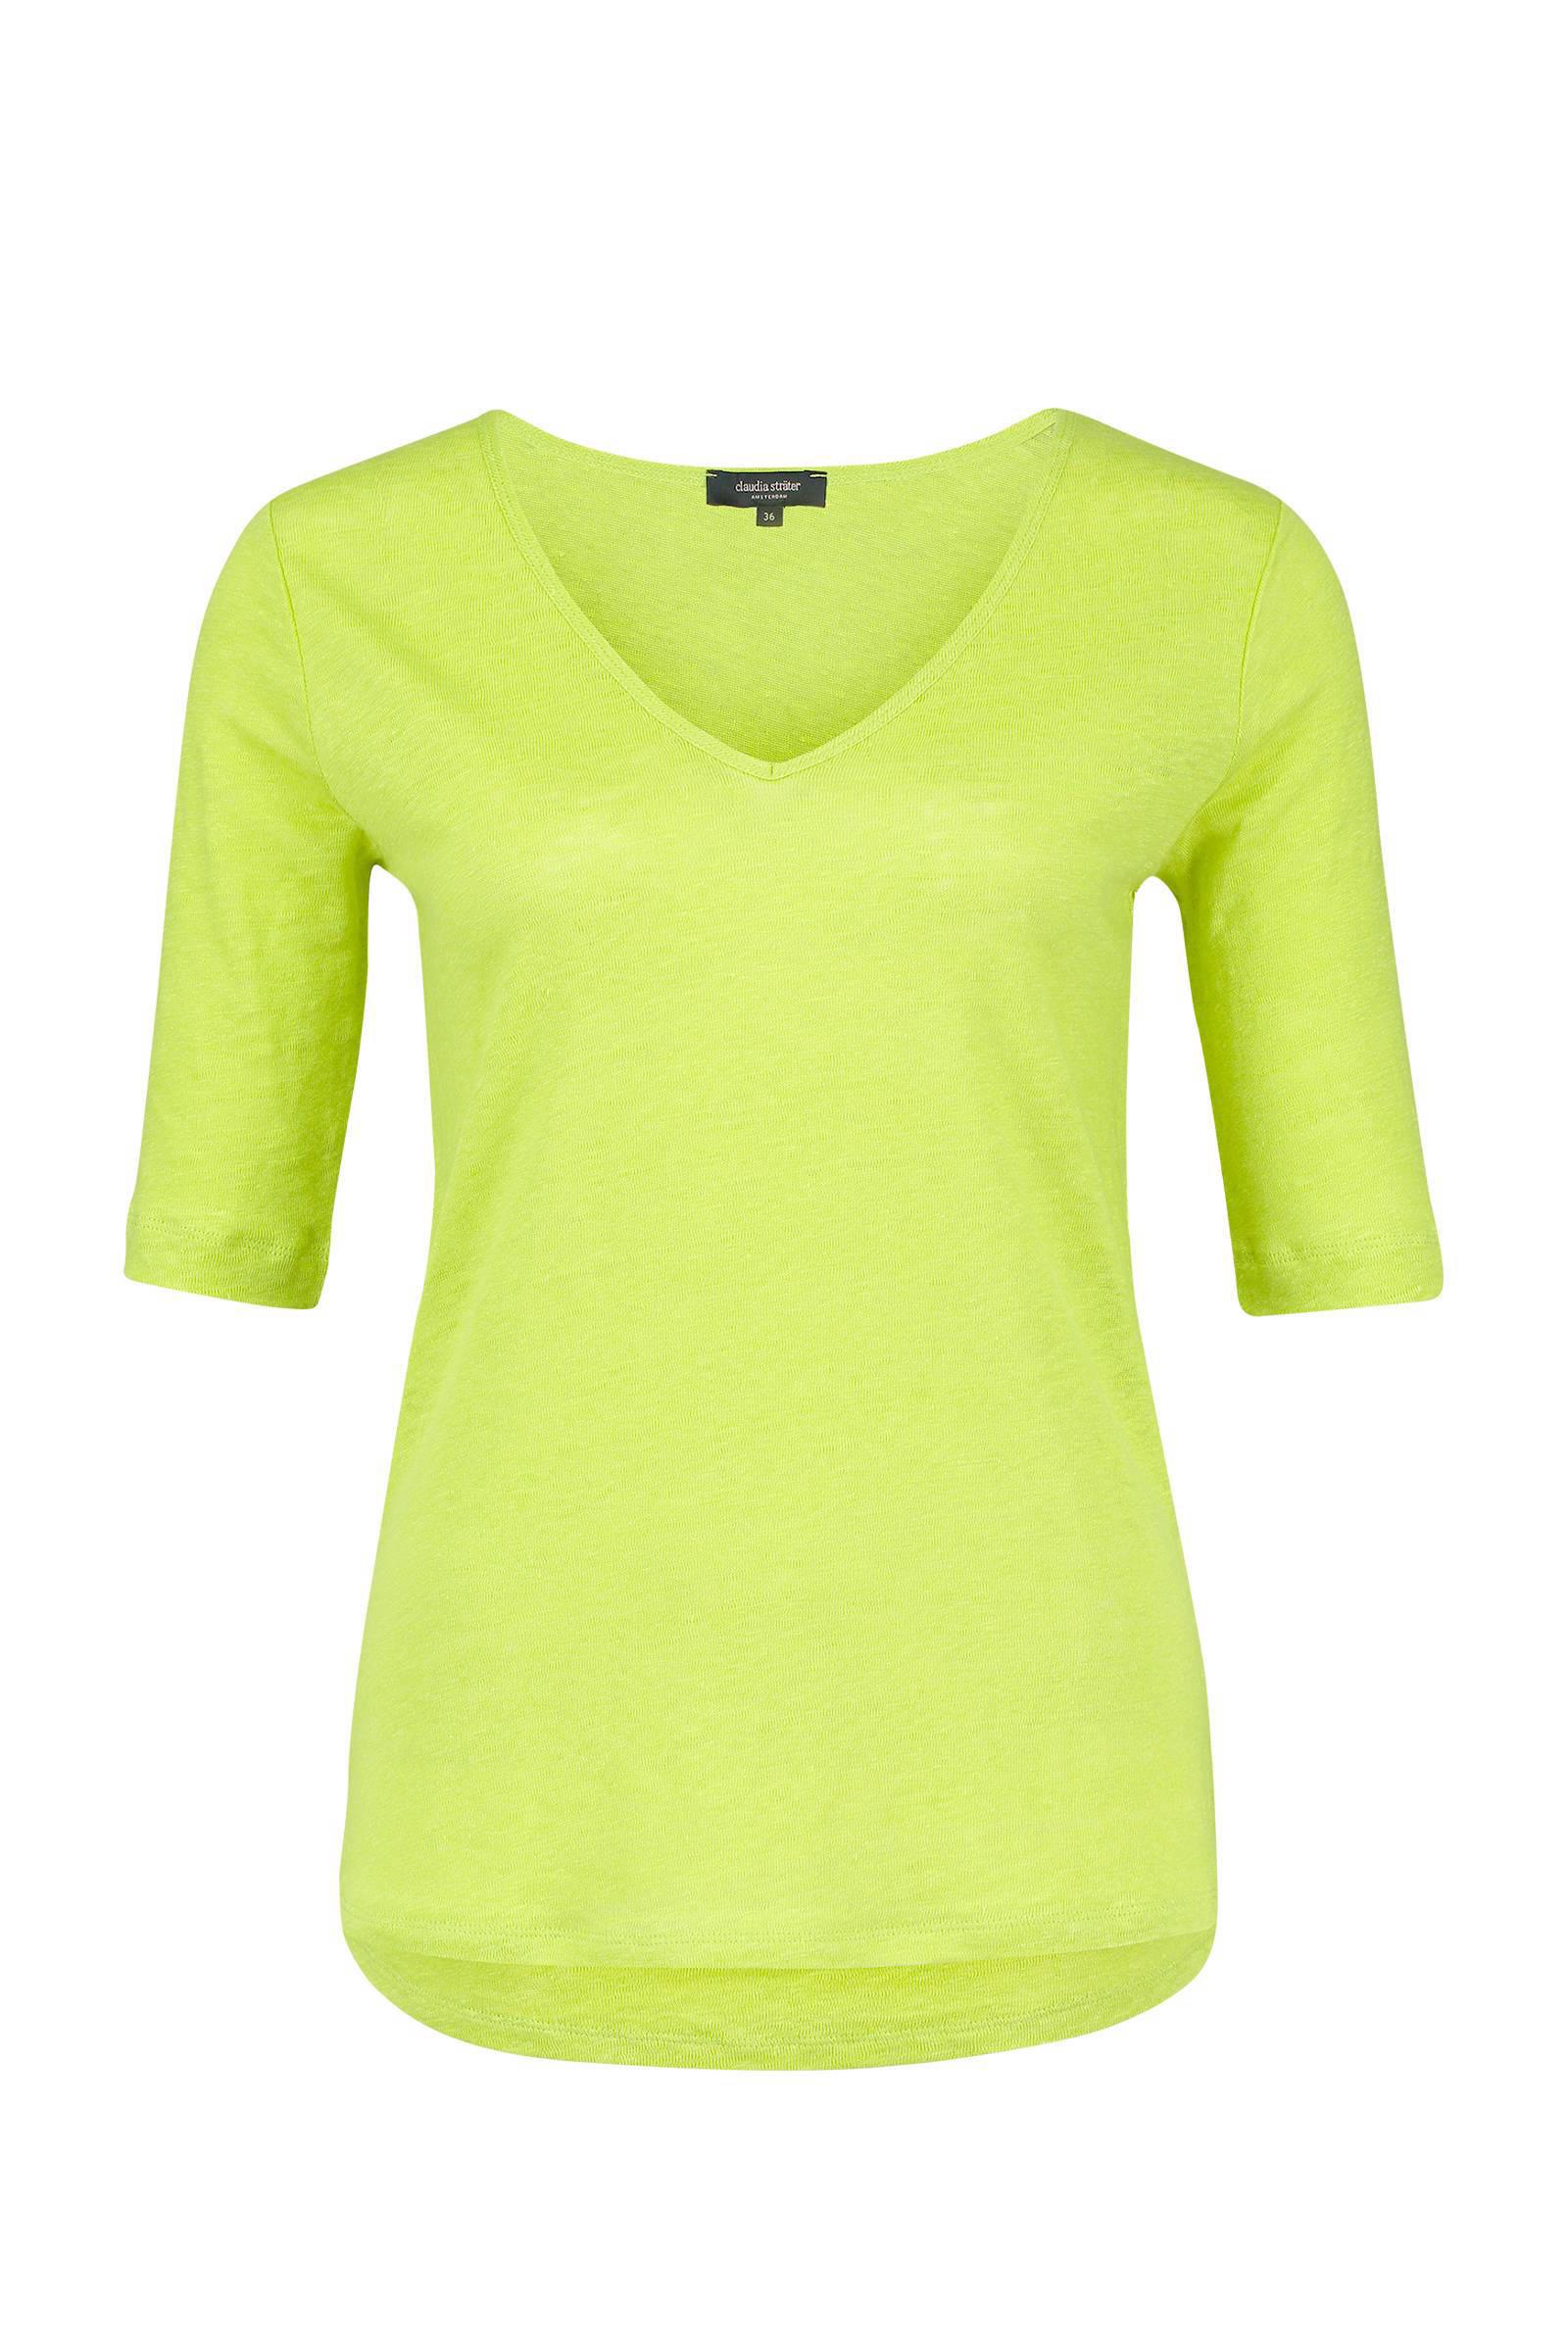 lime groen kleding